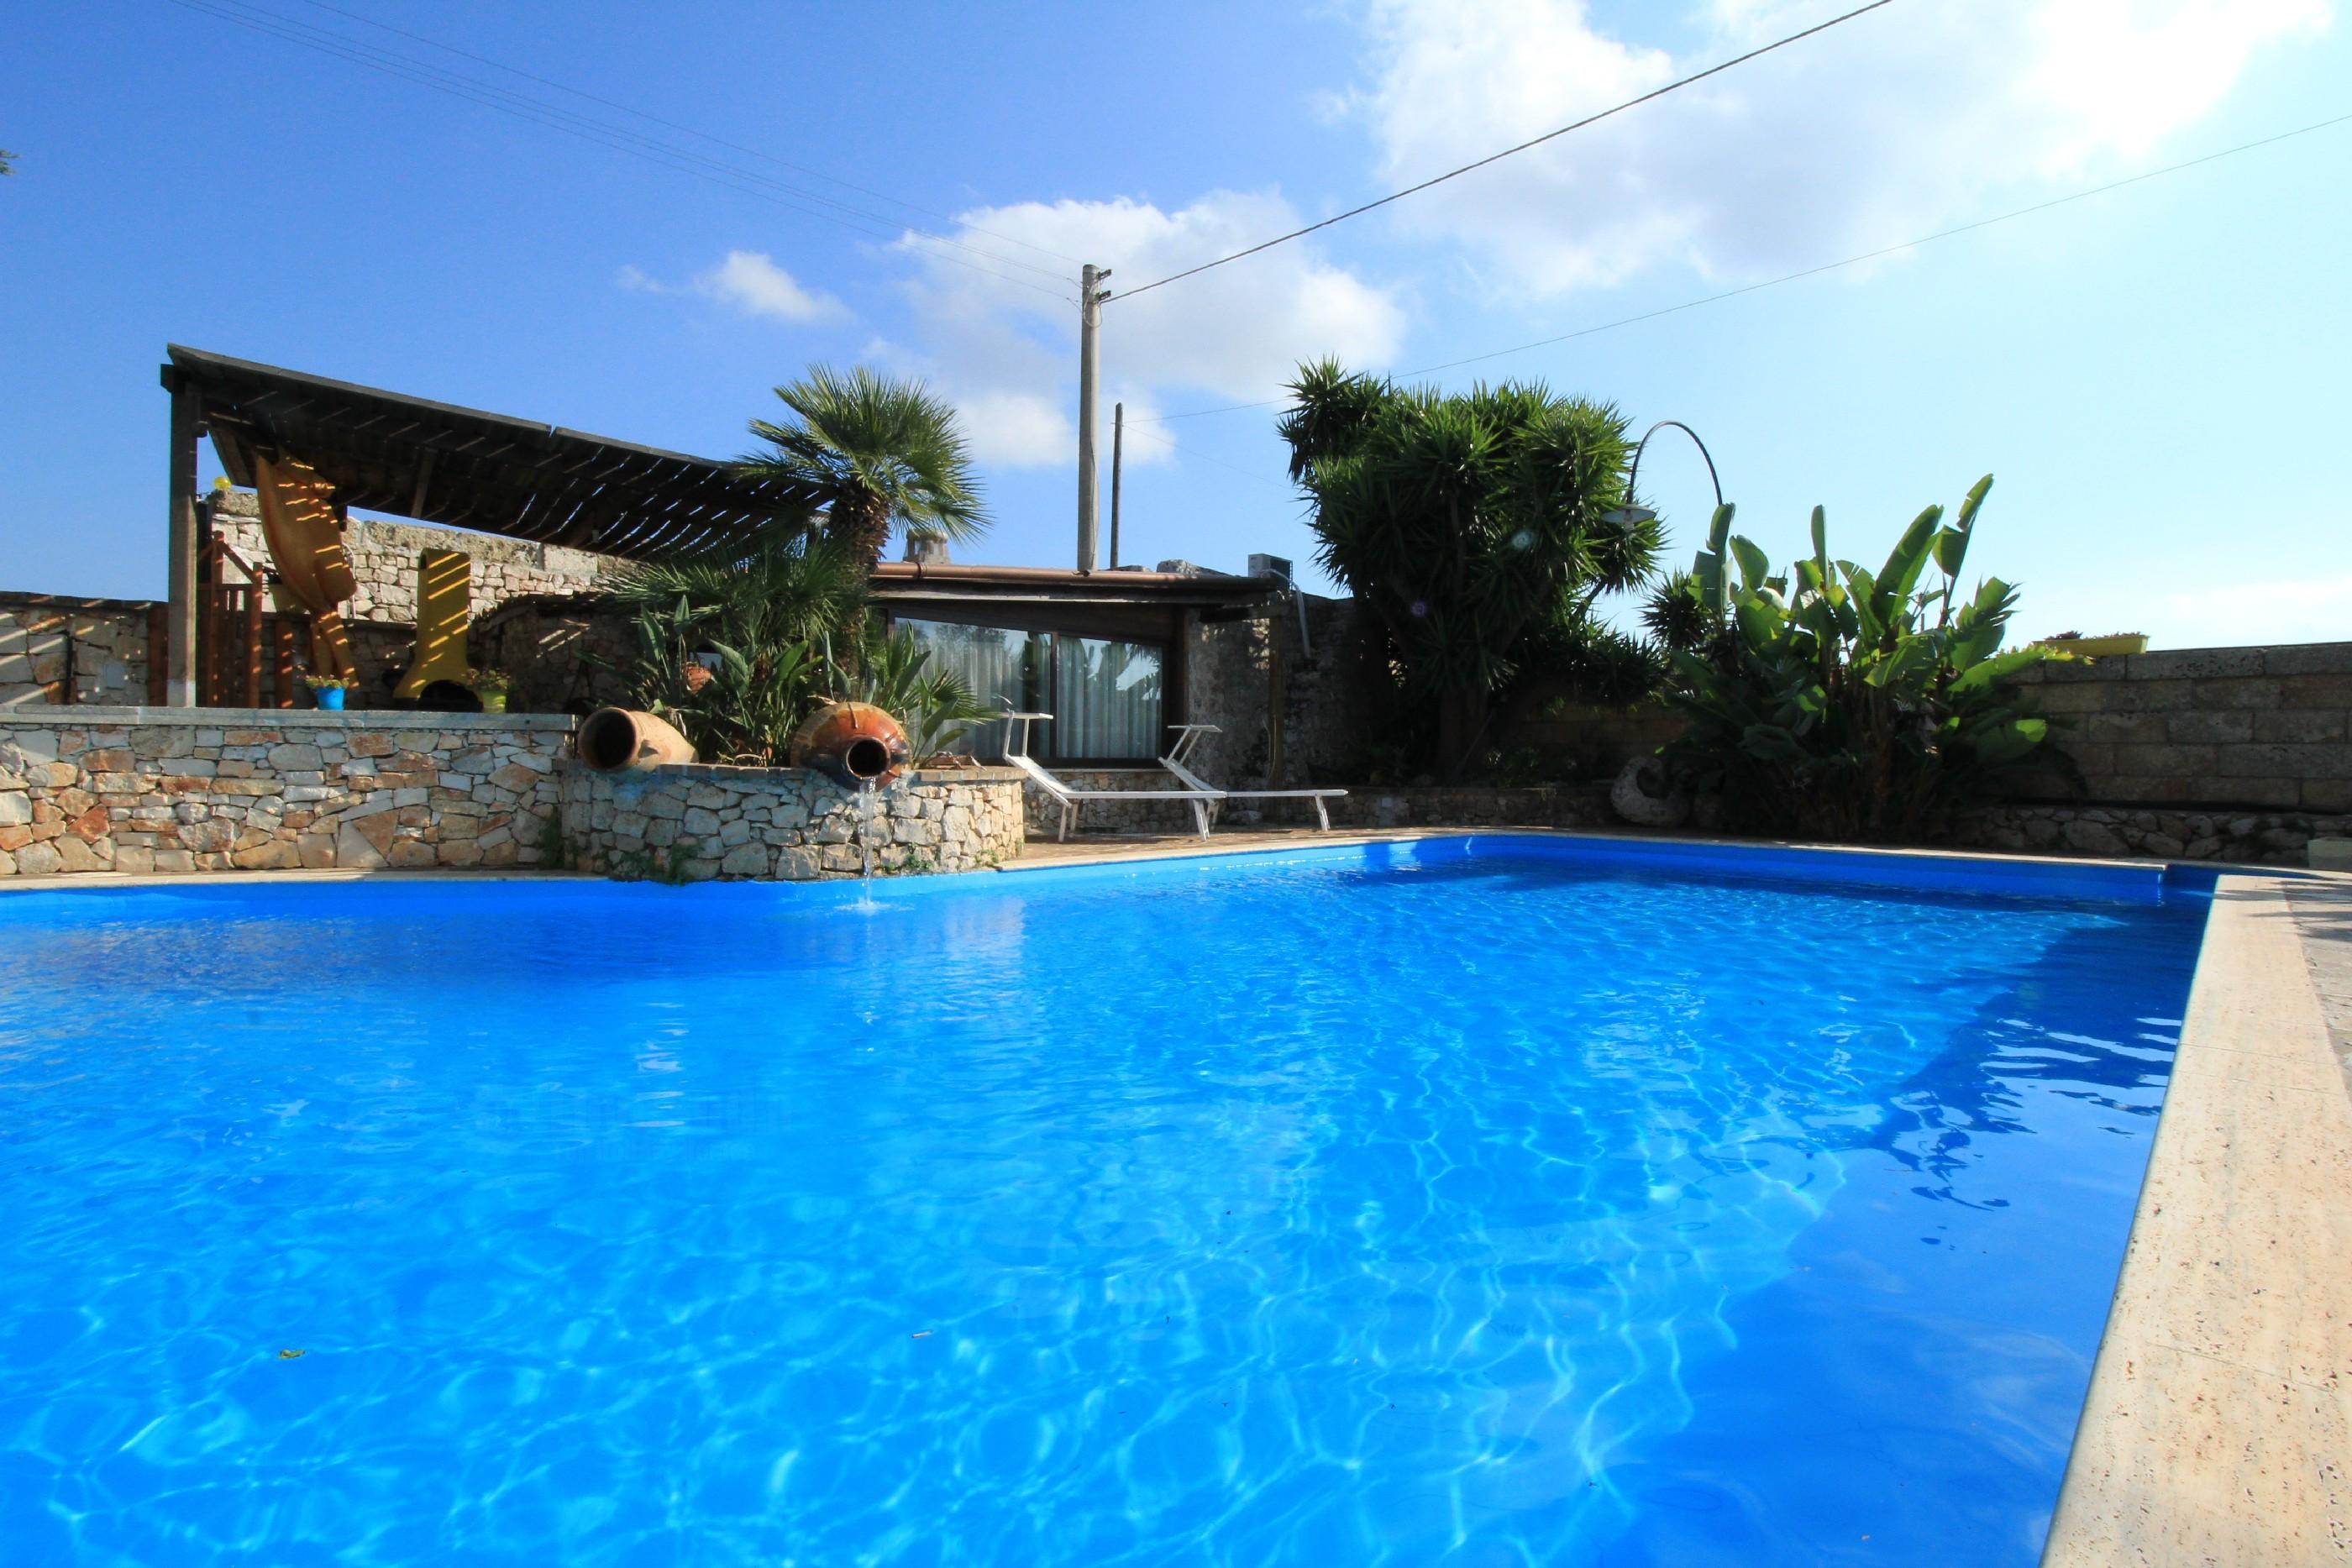 Merlo Trullo con piscina photo 20369926